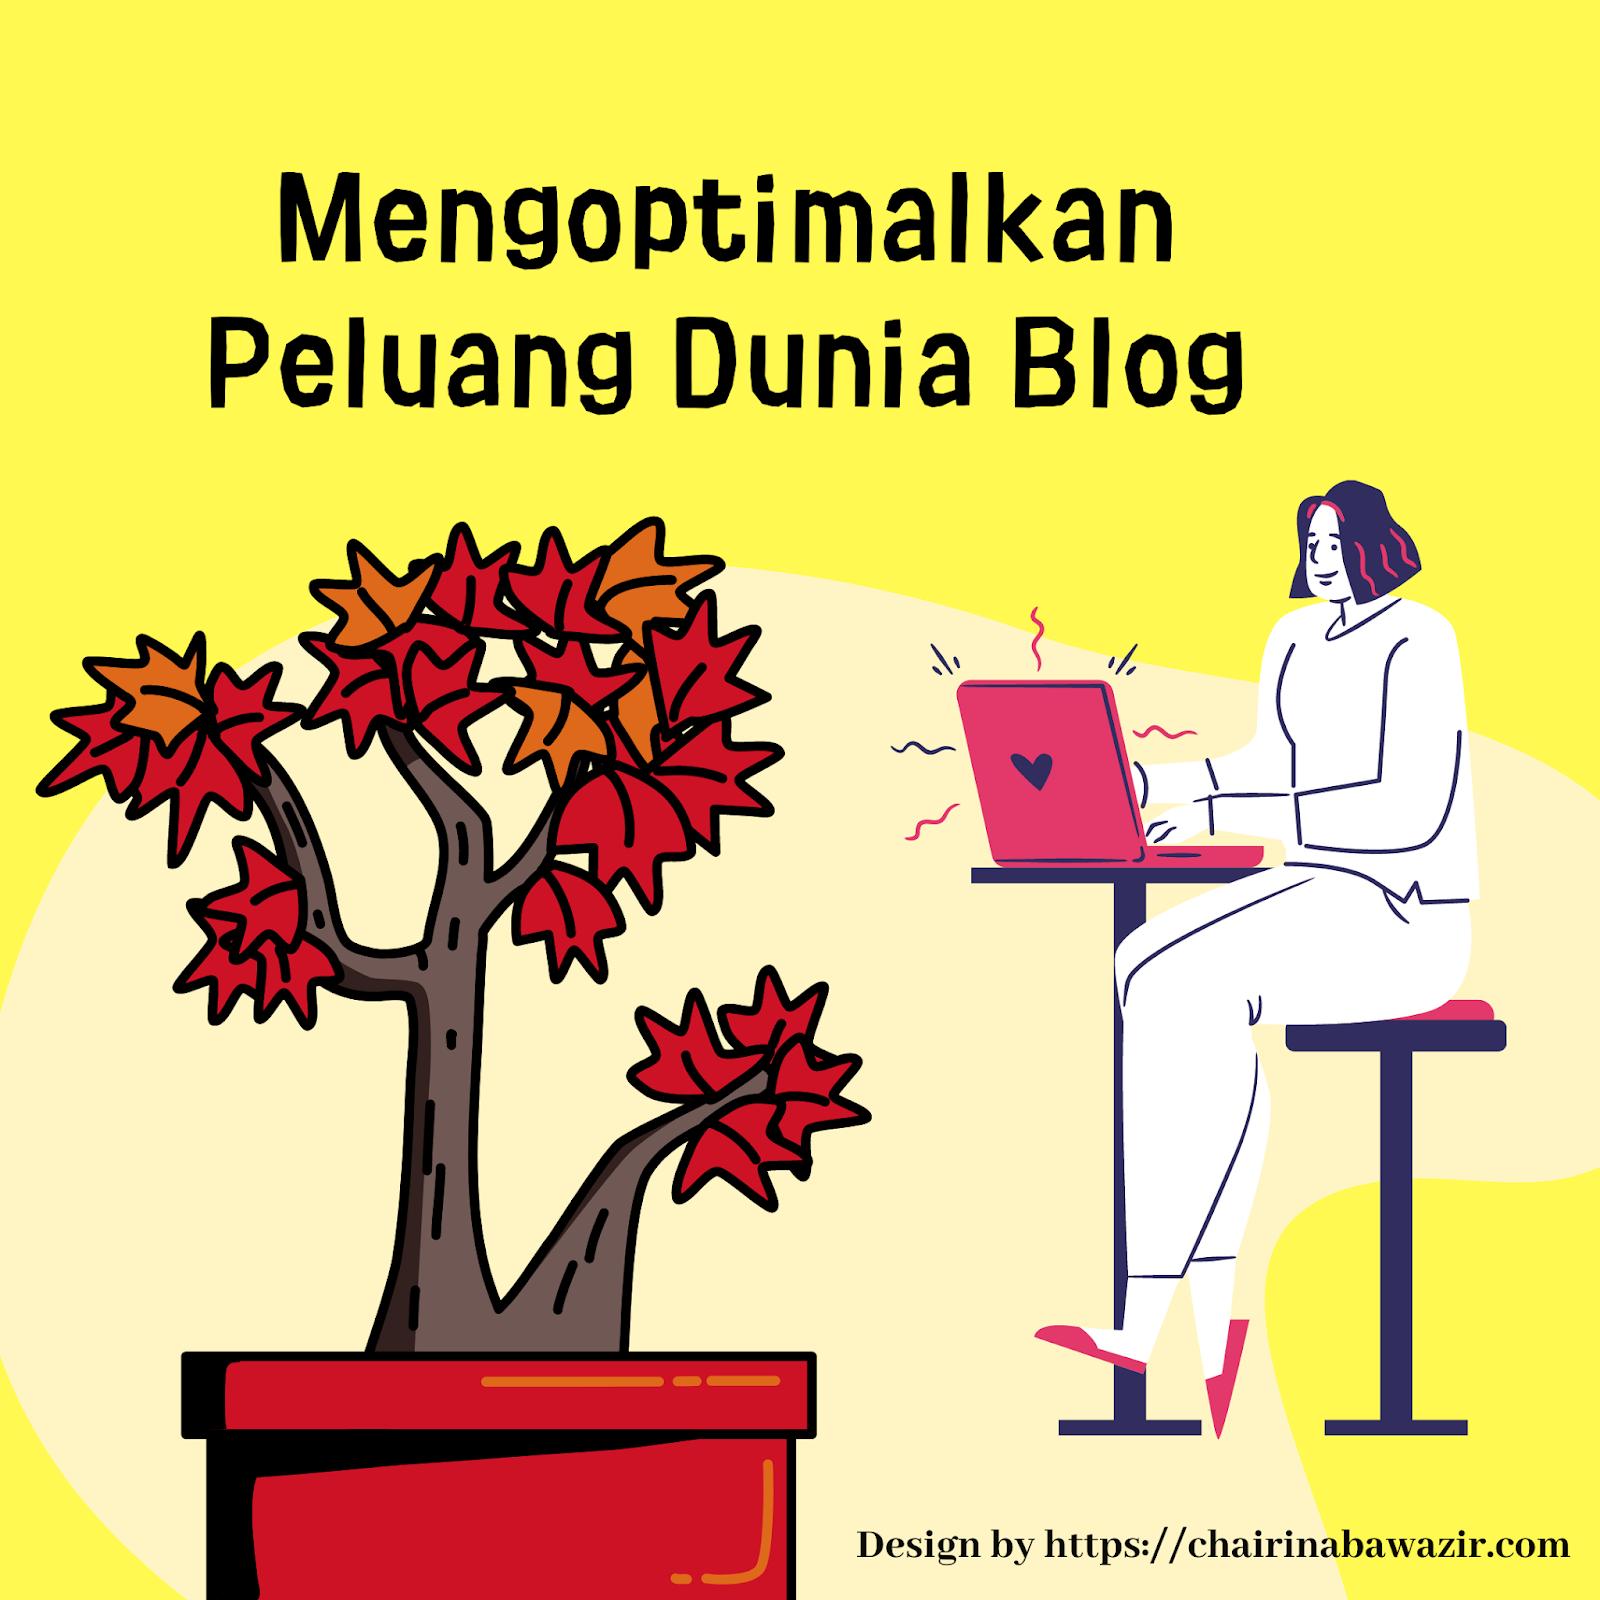 Peluang-Mengoptimalkan-Dunia-Blog